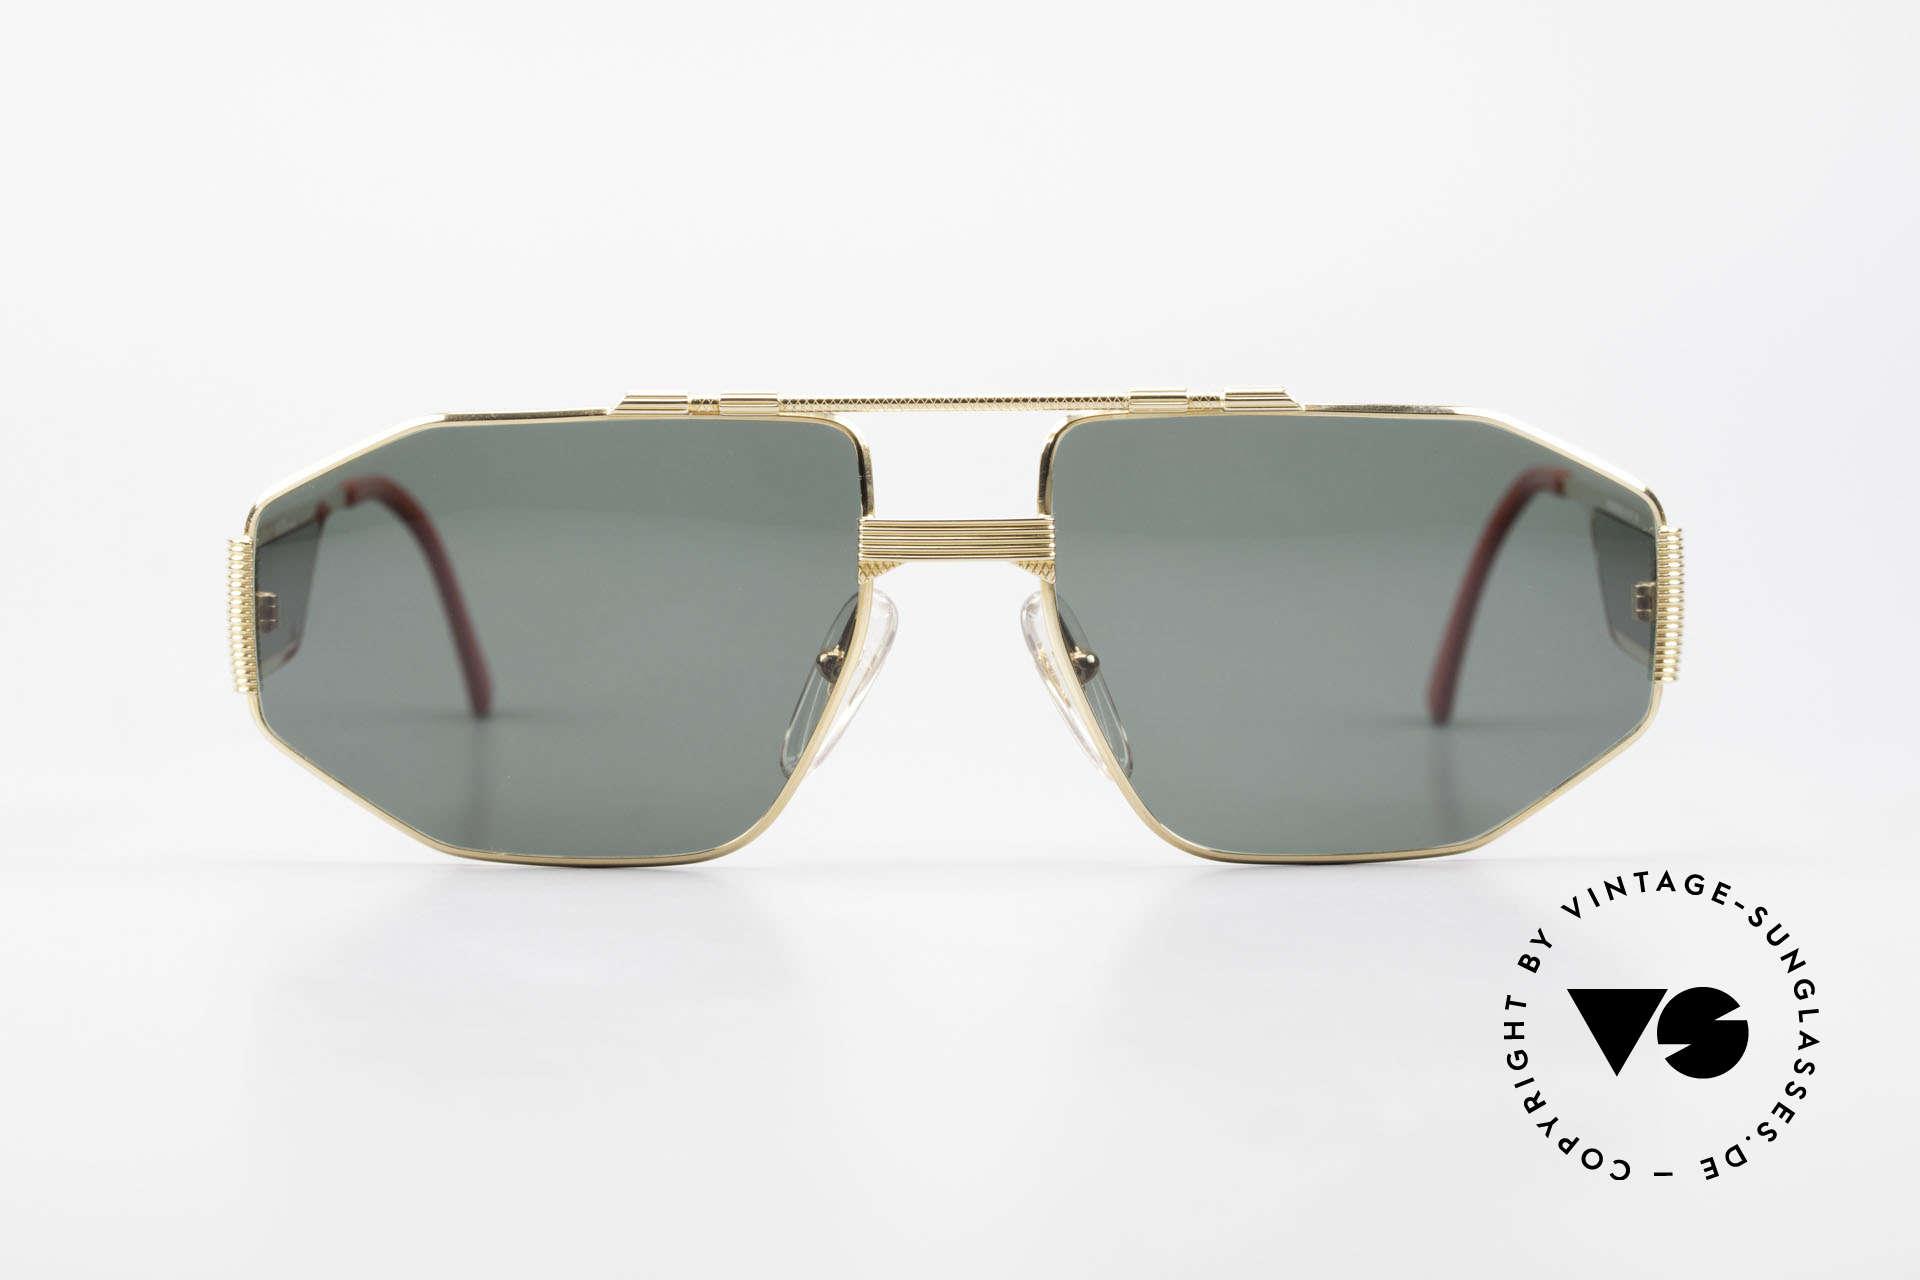 Christian Dior 2427 Monsieur Sonnenbrille 80er, außergewöhnliches Bügeldesign - sehr markant!, Passend für Herren